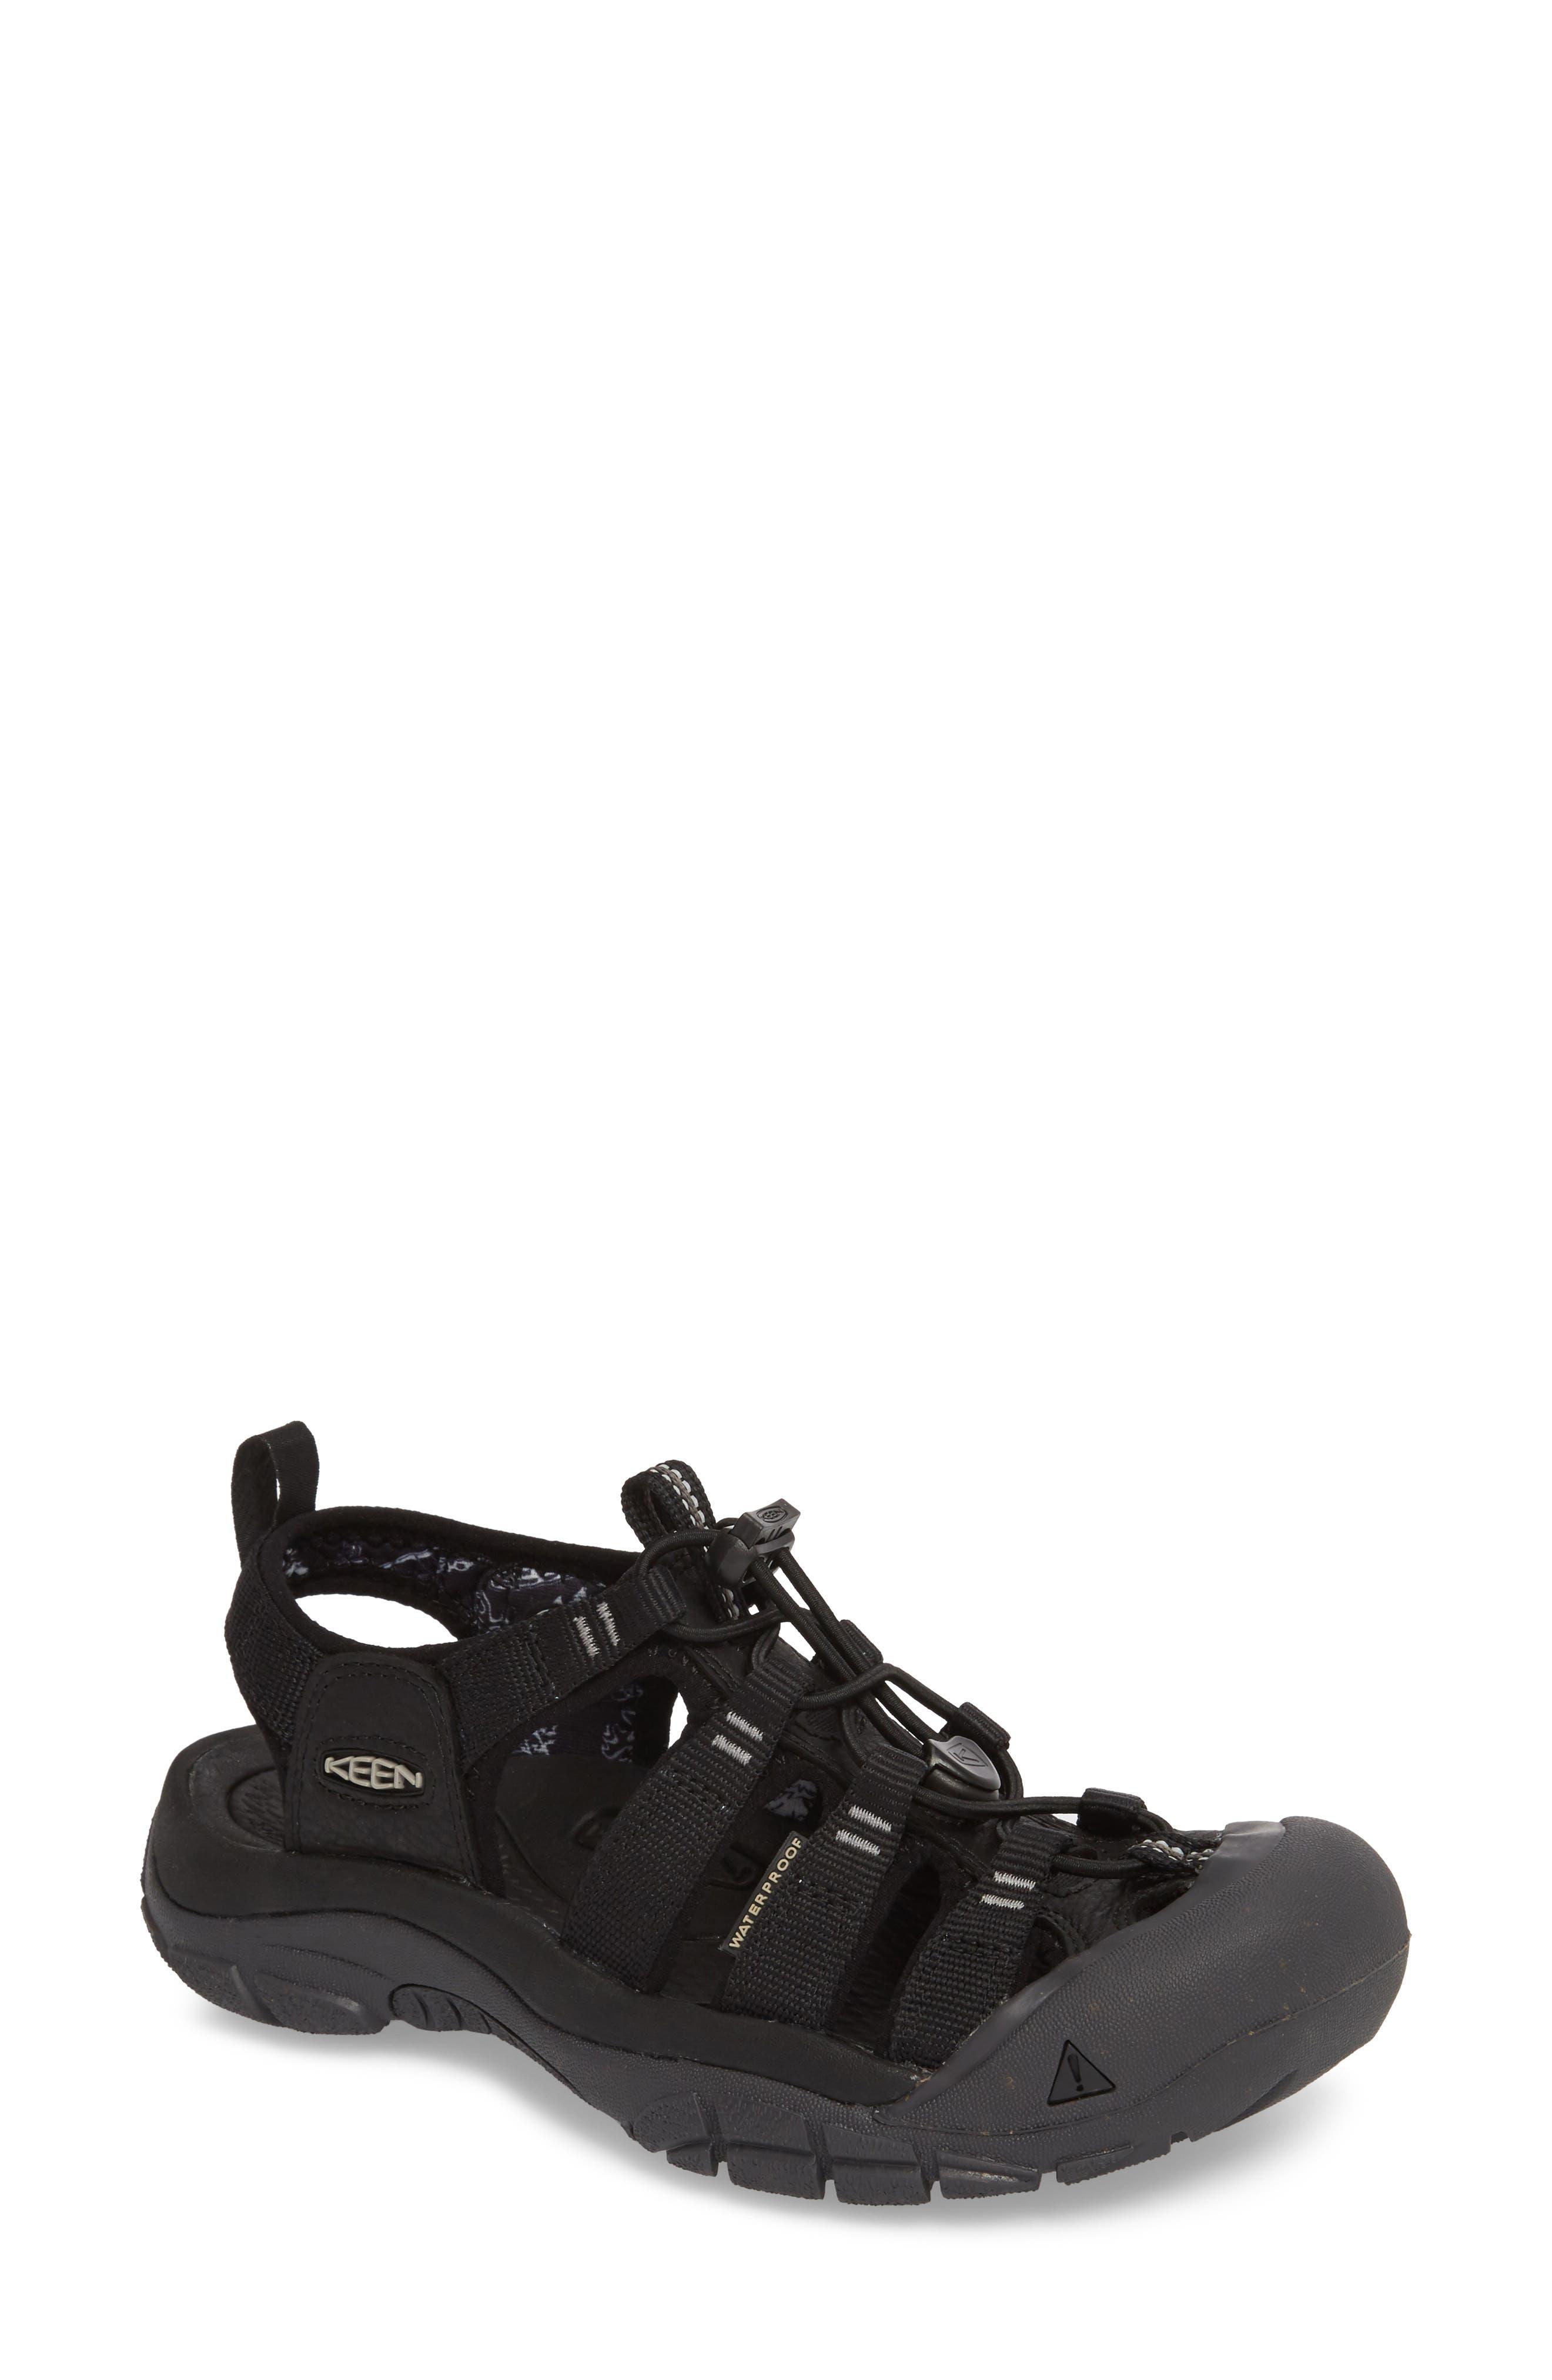 Newport Eco Waterproof Sandal,                         Main,                         color, Black/ Magnet